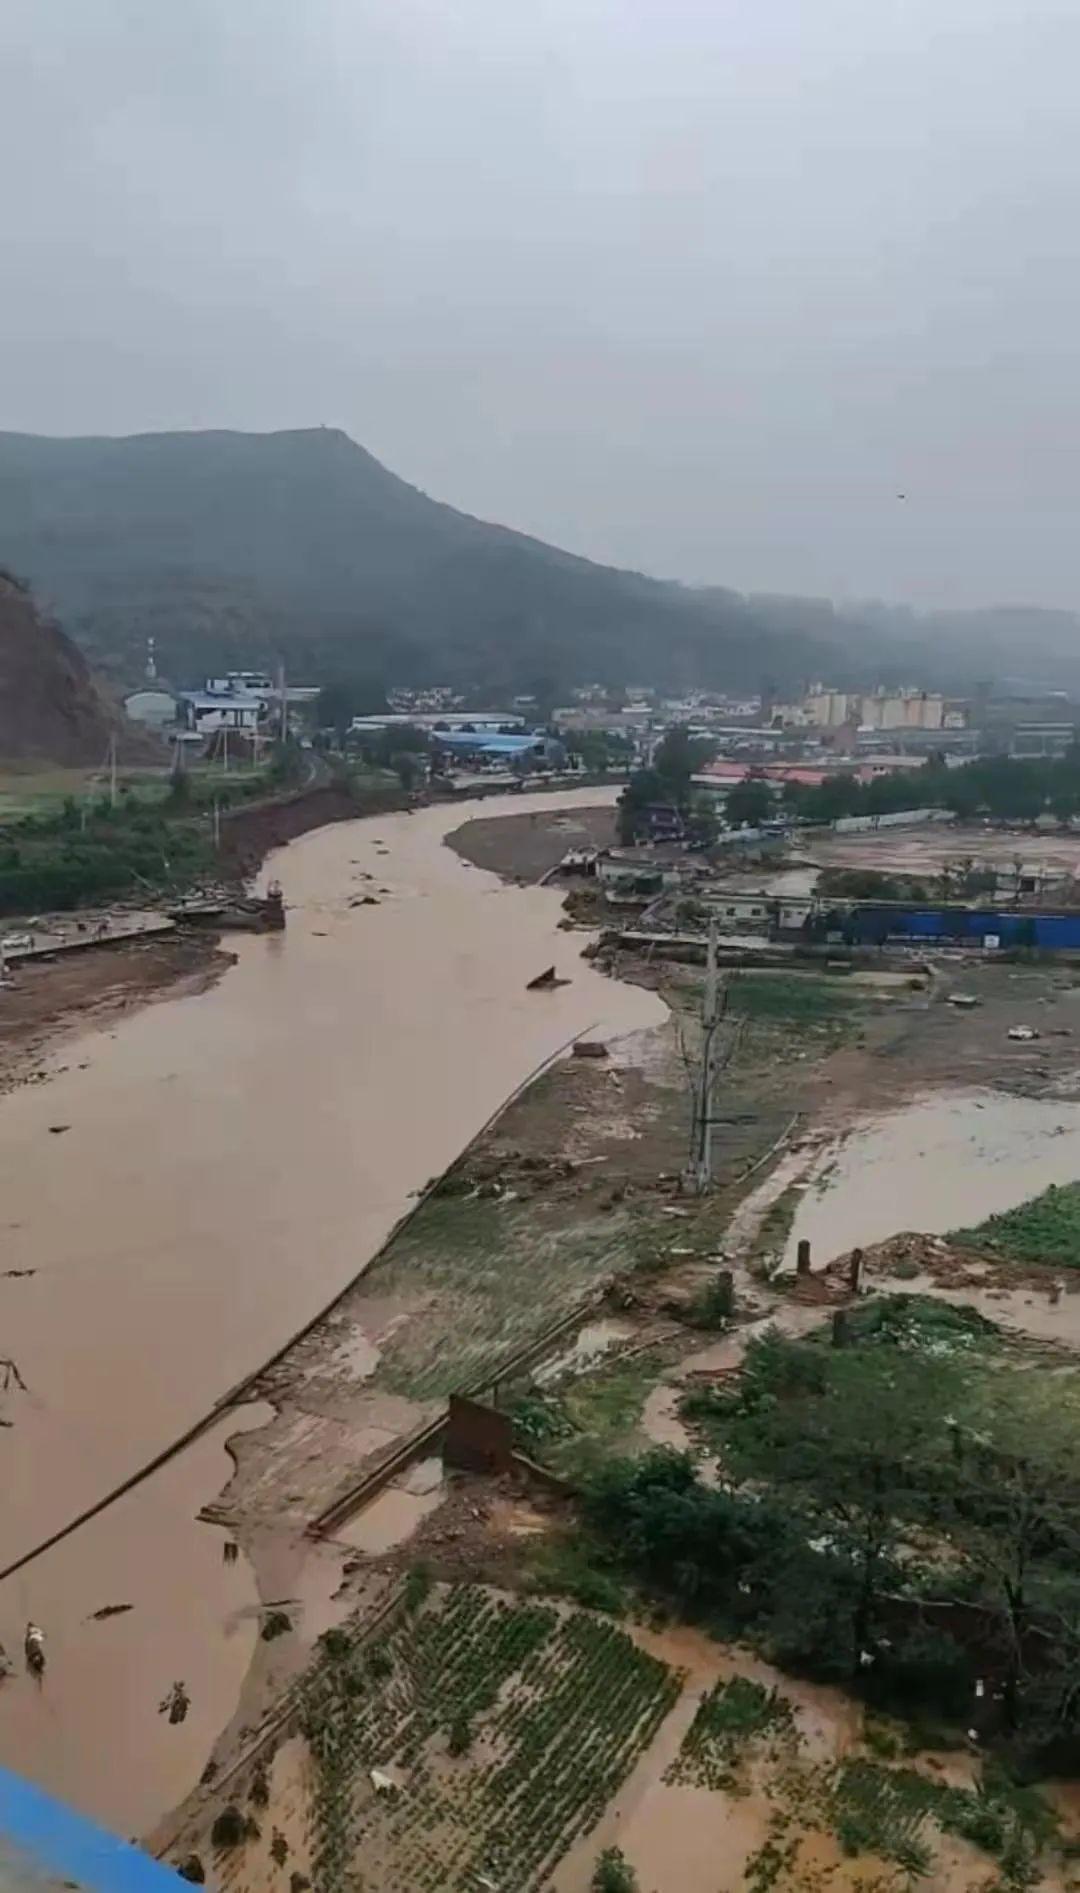 通往米河镇的路被洪水冲断。受访者视频截图